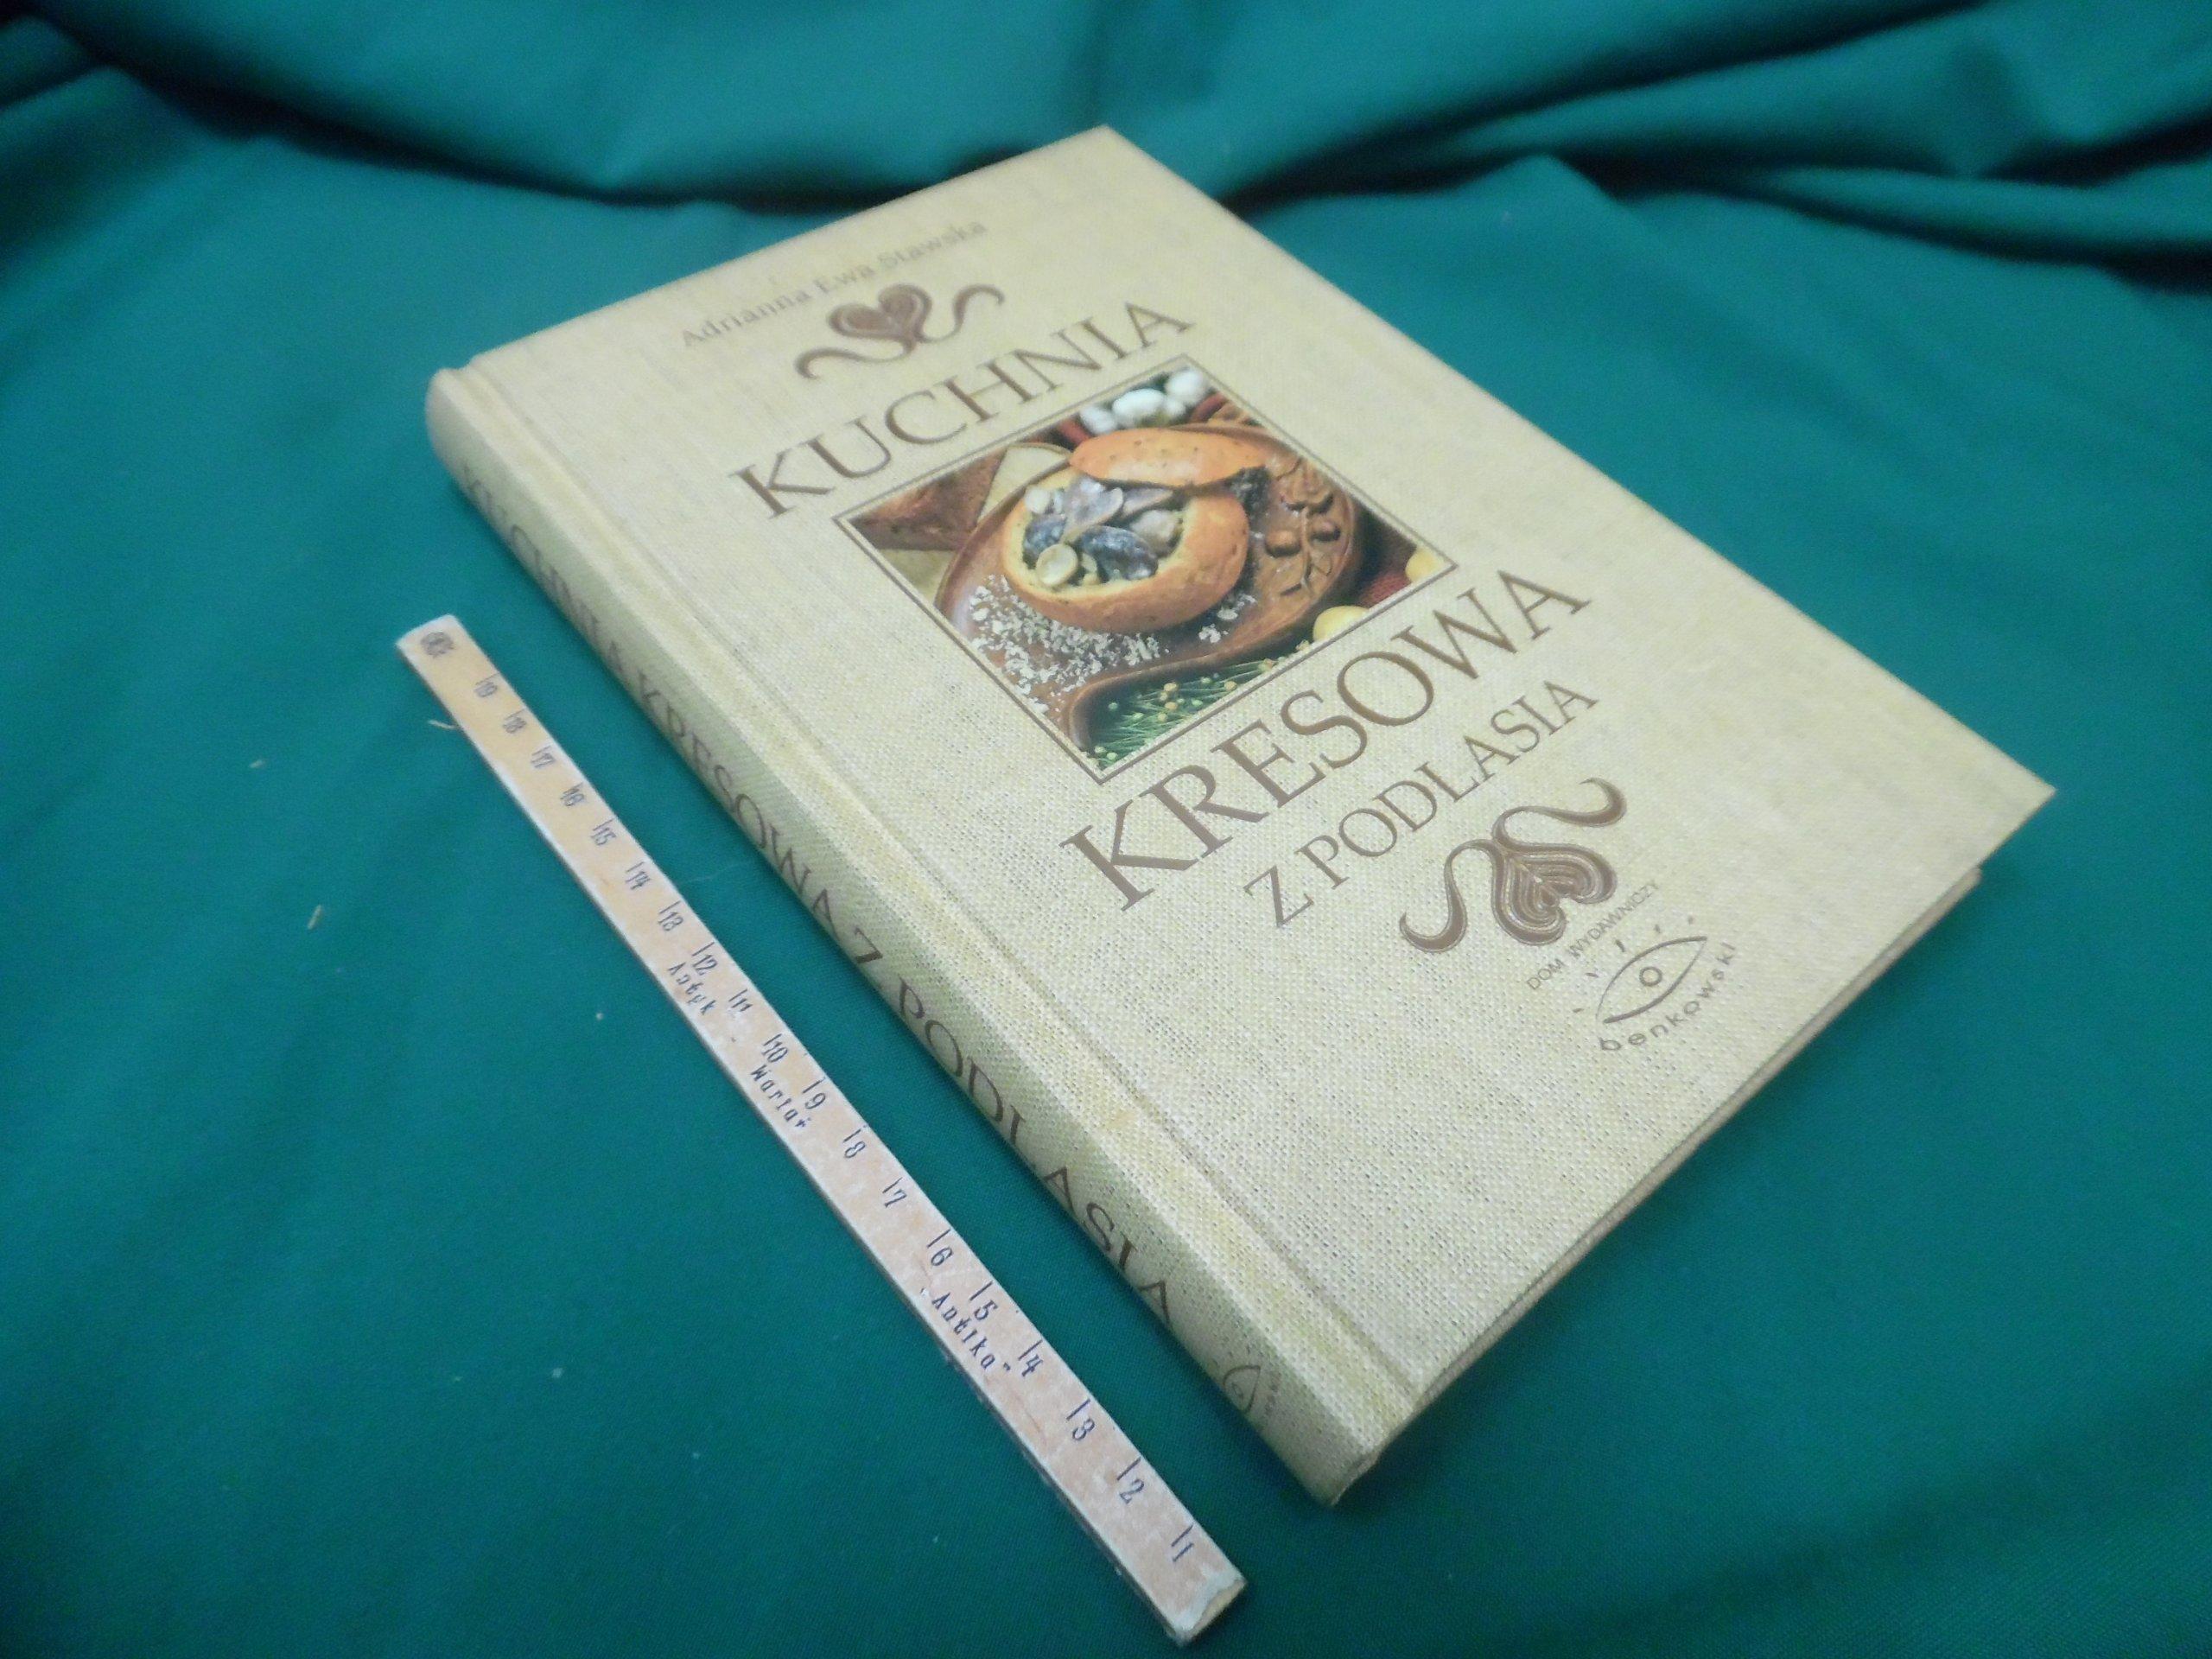 Kuchnia Kresowa Z Podlasia A E Stawska 7164531549